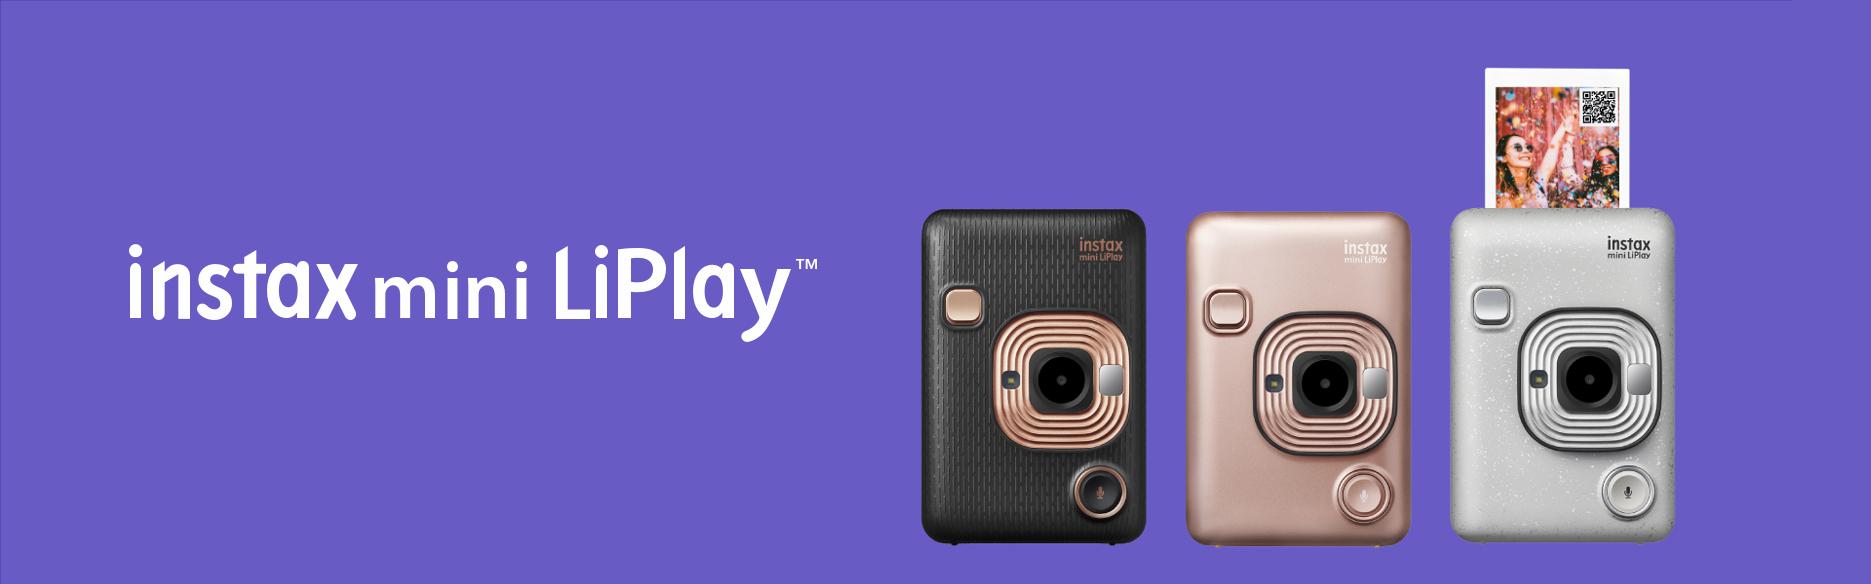 Purple Hero image with three LiPlay Mini cameras